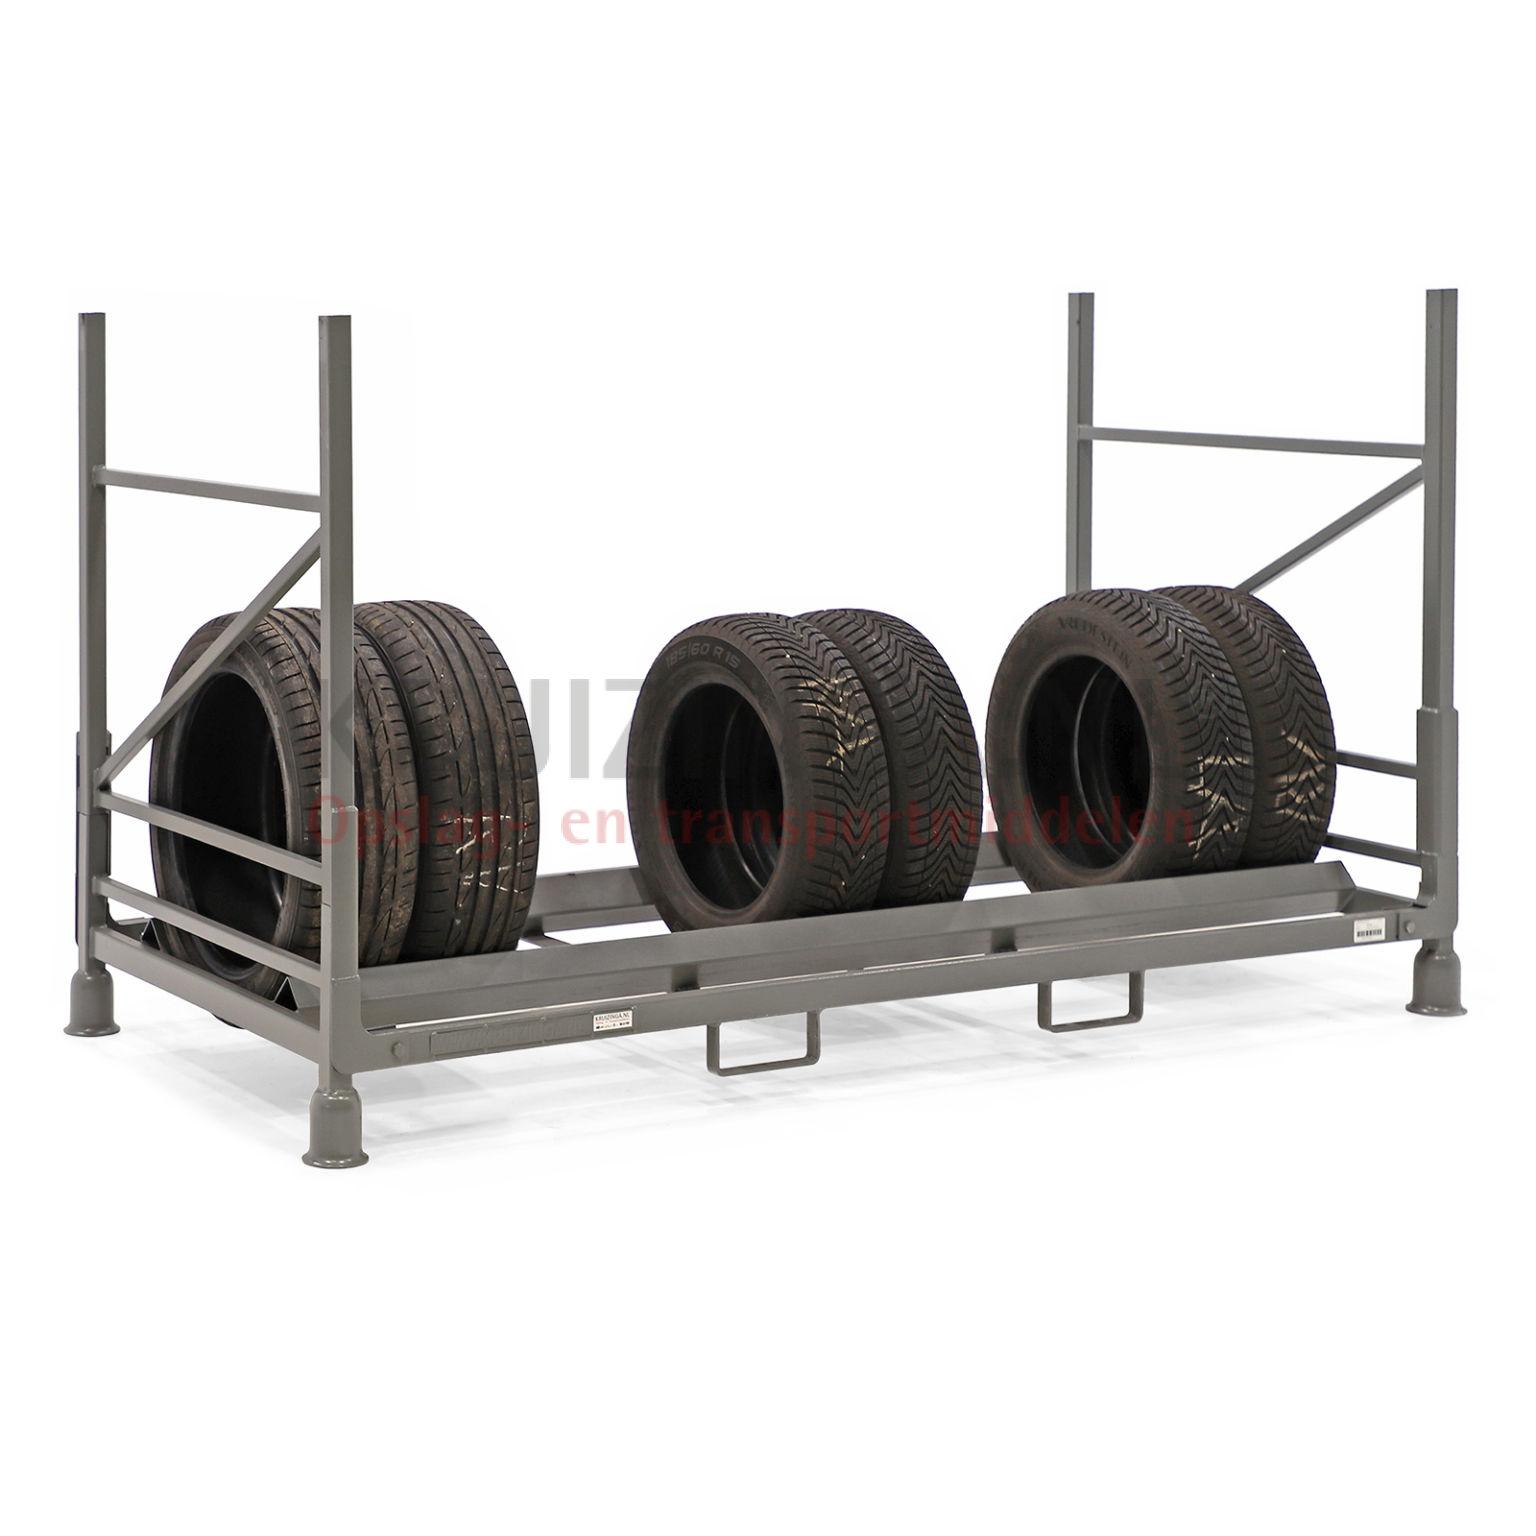 stockage pour pneus gerbable et pliable charger verticalement partir de 232 75 frais de. Black Bedroom Furniture Sets. Home Design Ideas